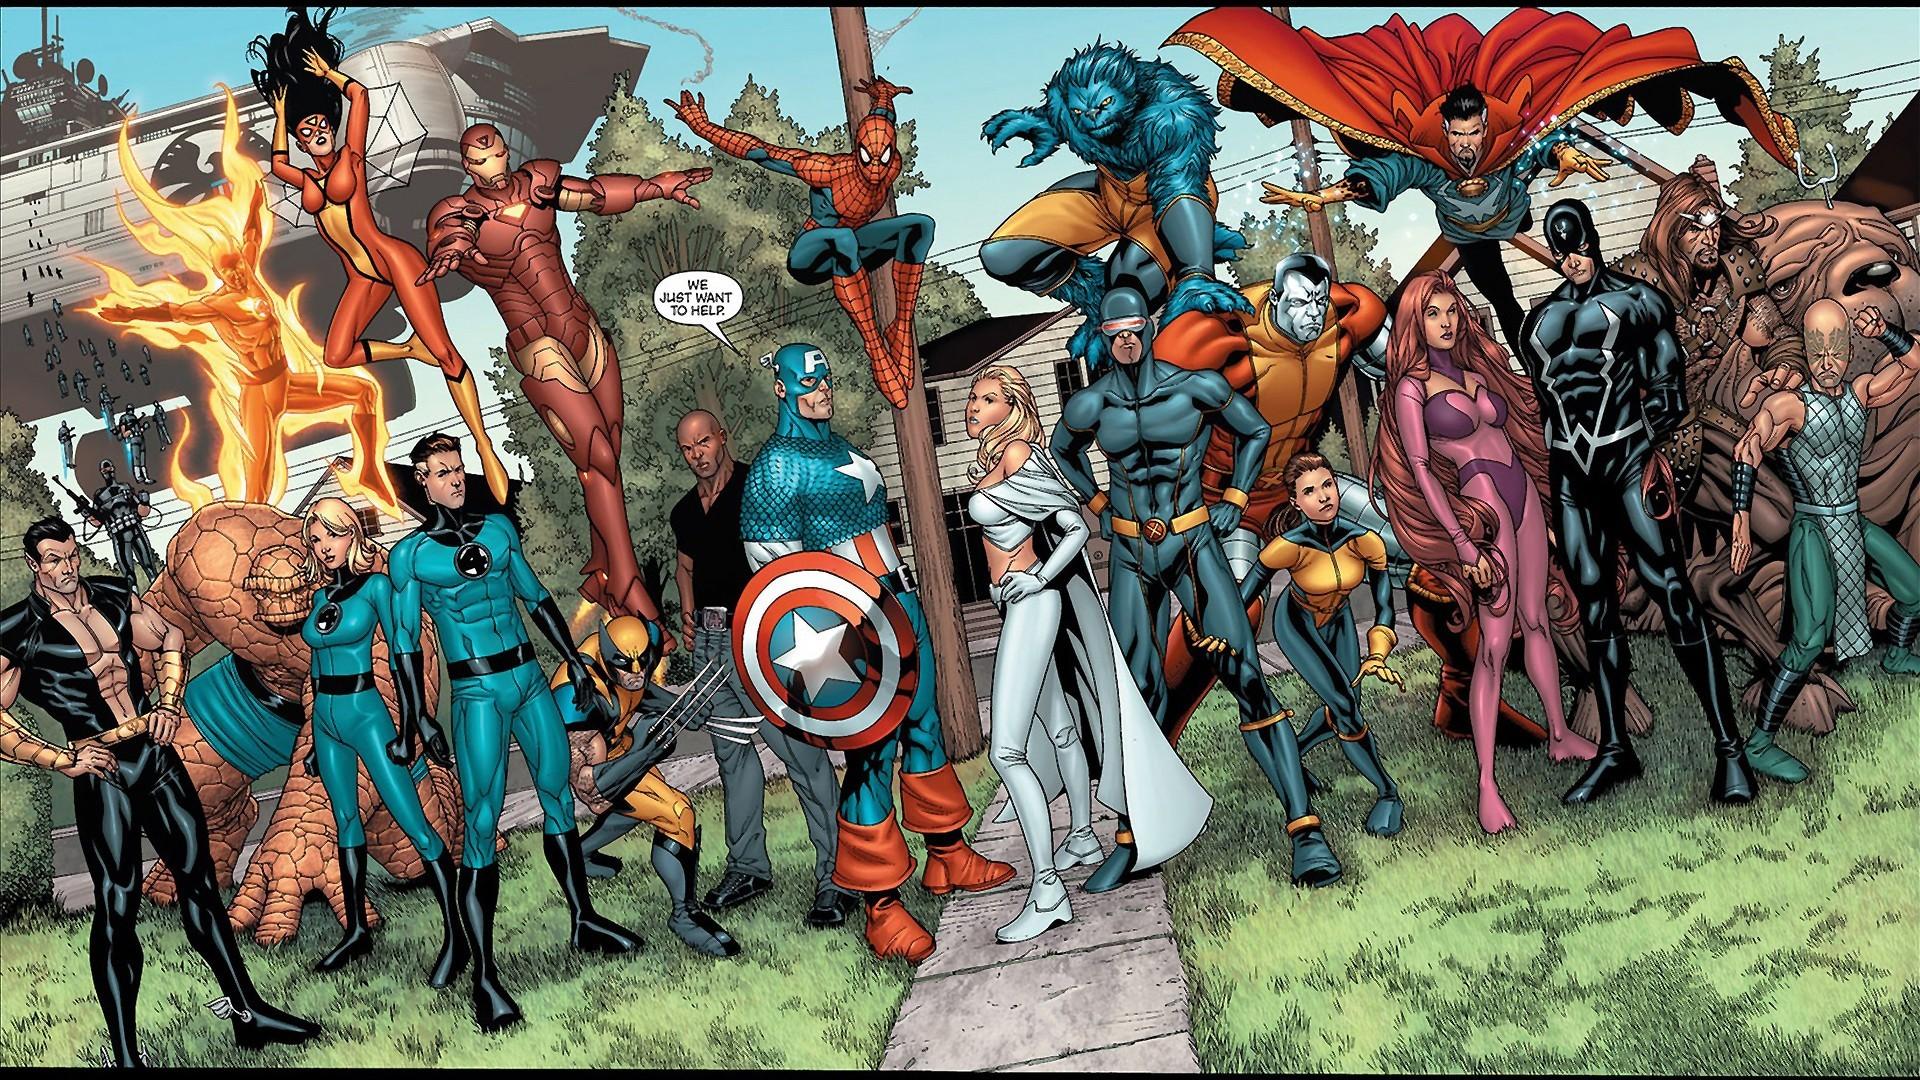 … Avengers Art Movie Wallpaper #25223 Wallpaper High Resolution .